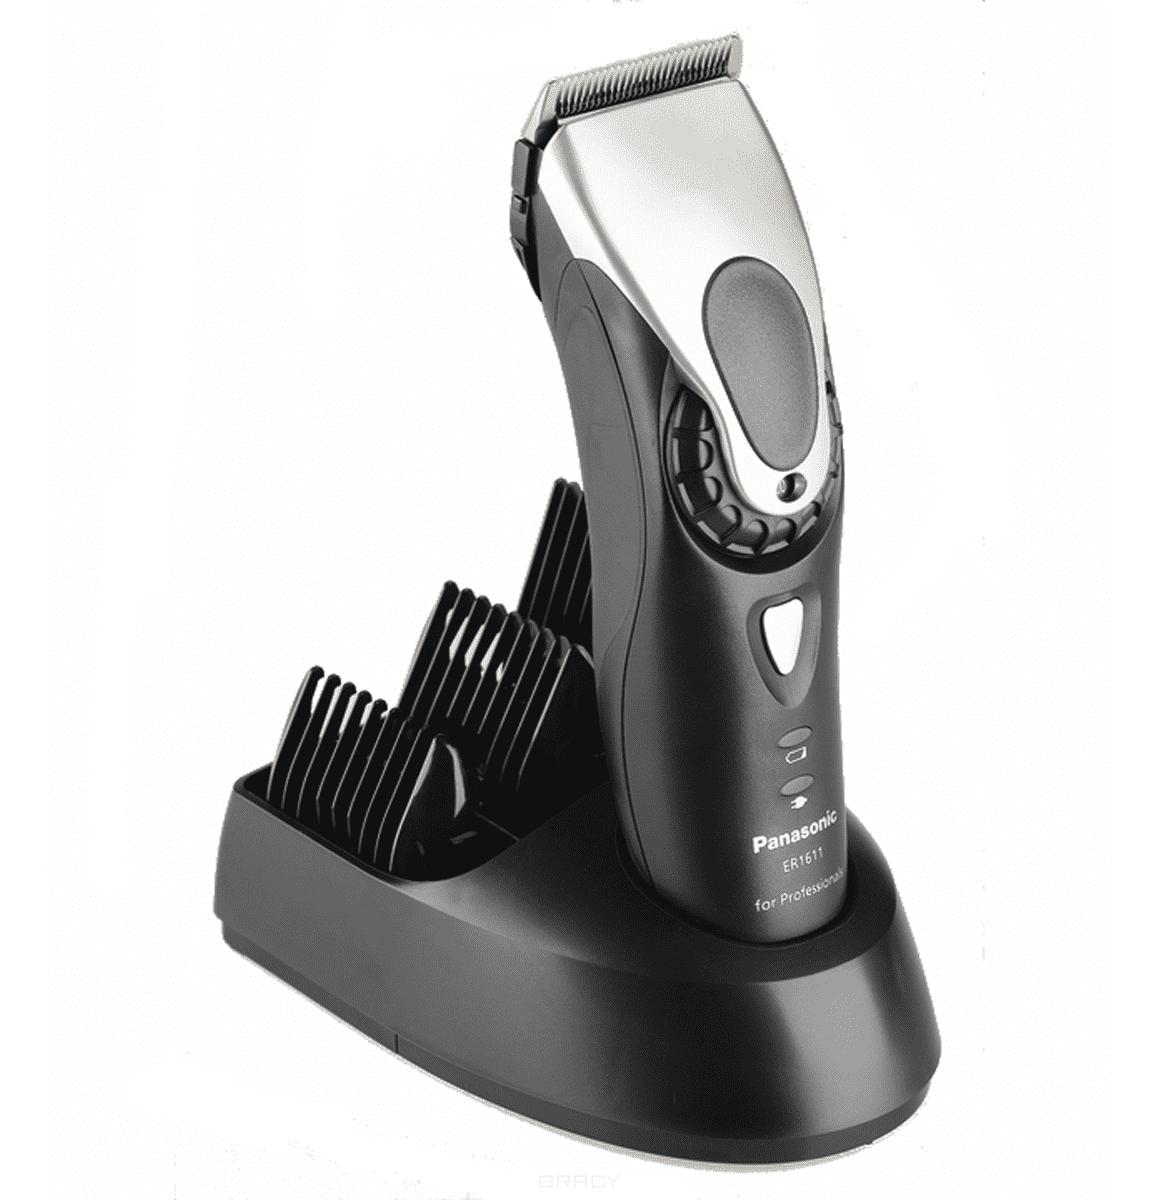 Panasonic Машинка для стрижки волос ER-1611 с линейным двигателем, Машинка для стрижки волос ER-1611 с линейным двигателем, машинка для стрижки волос panasonic er gb80